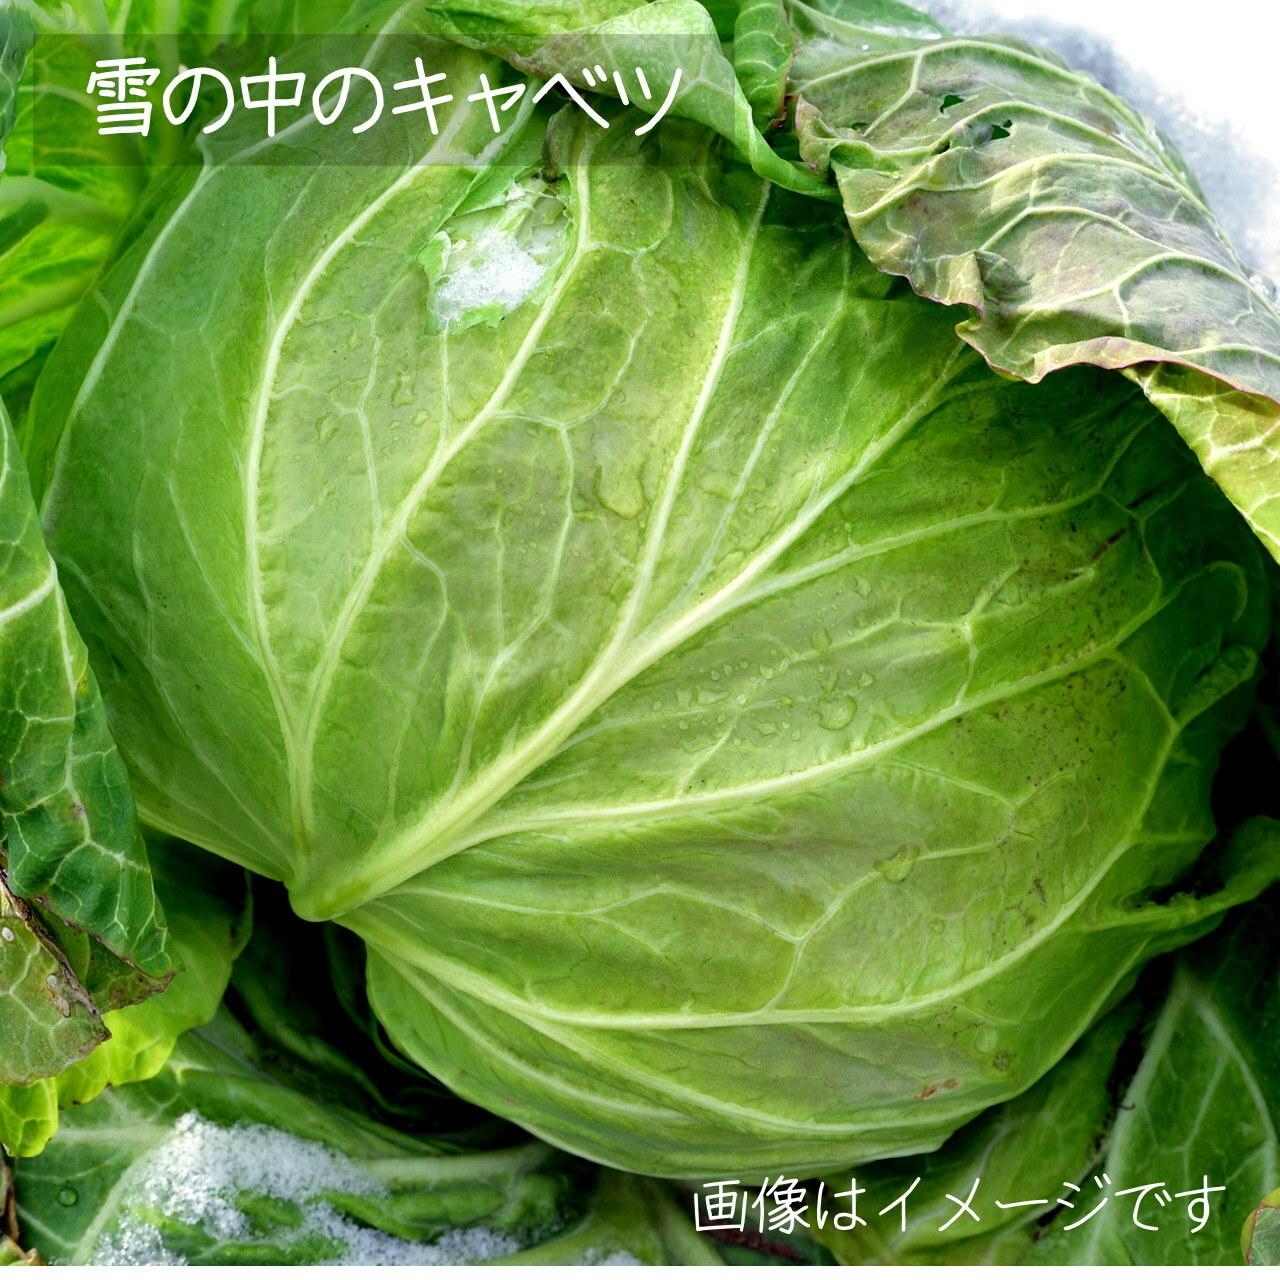 10月の朝採り直売野菜 : キャベツ 1個 新鮮な秋野菜 10月19日発送予定